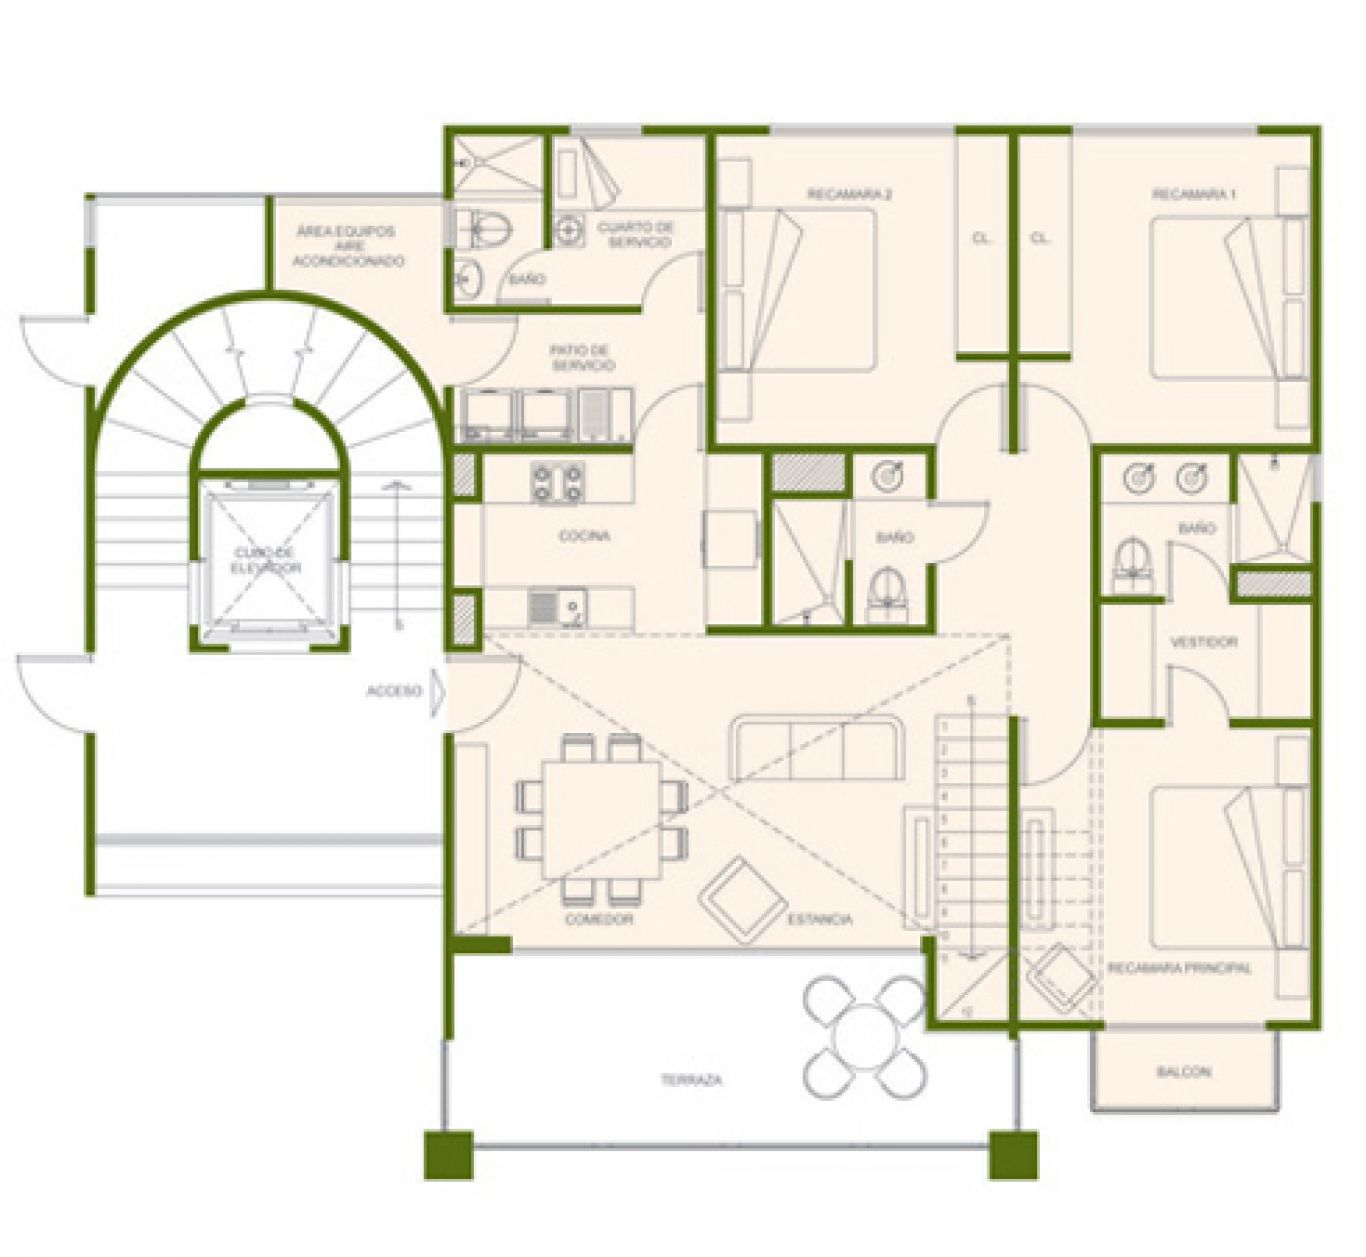 Residencial paraíso country club, id 1525184, no 1, plano de birdie ph, 411